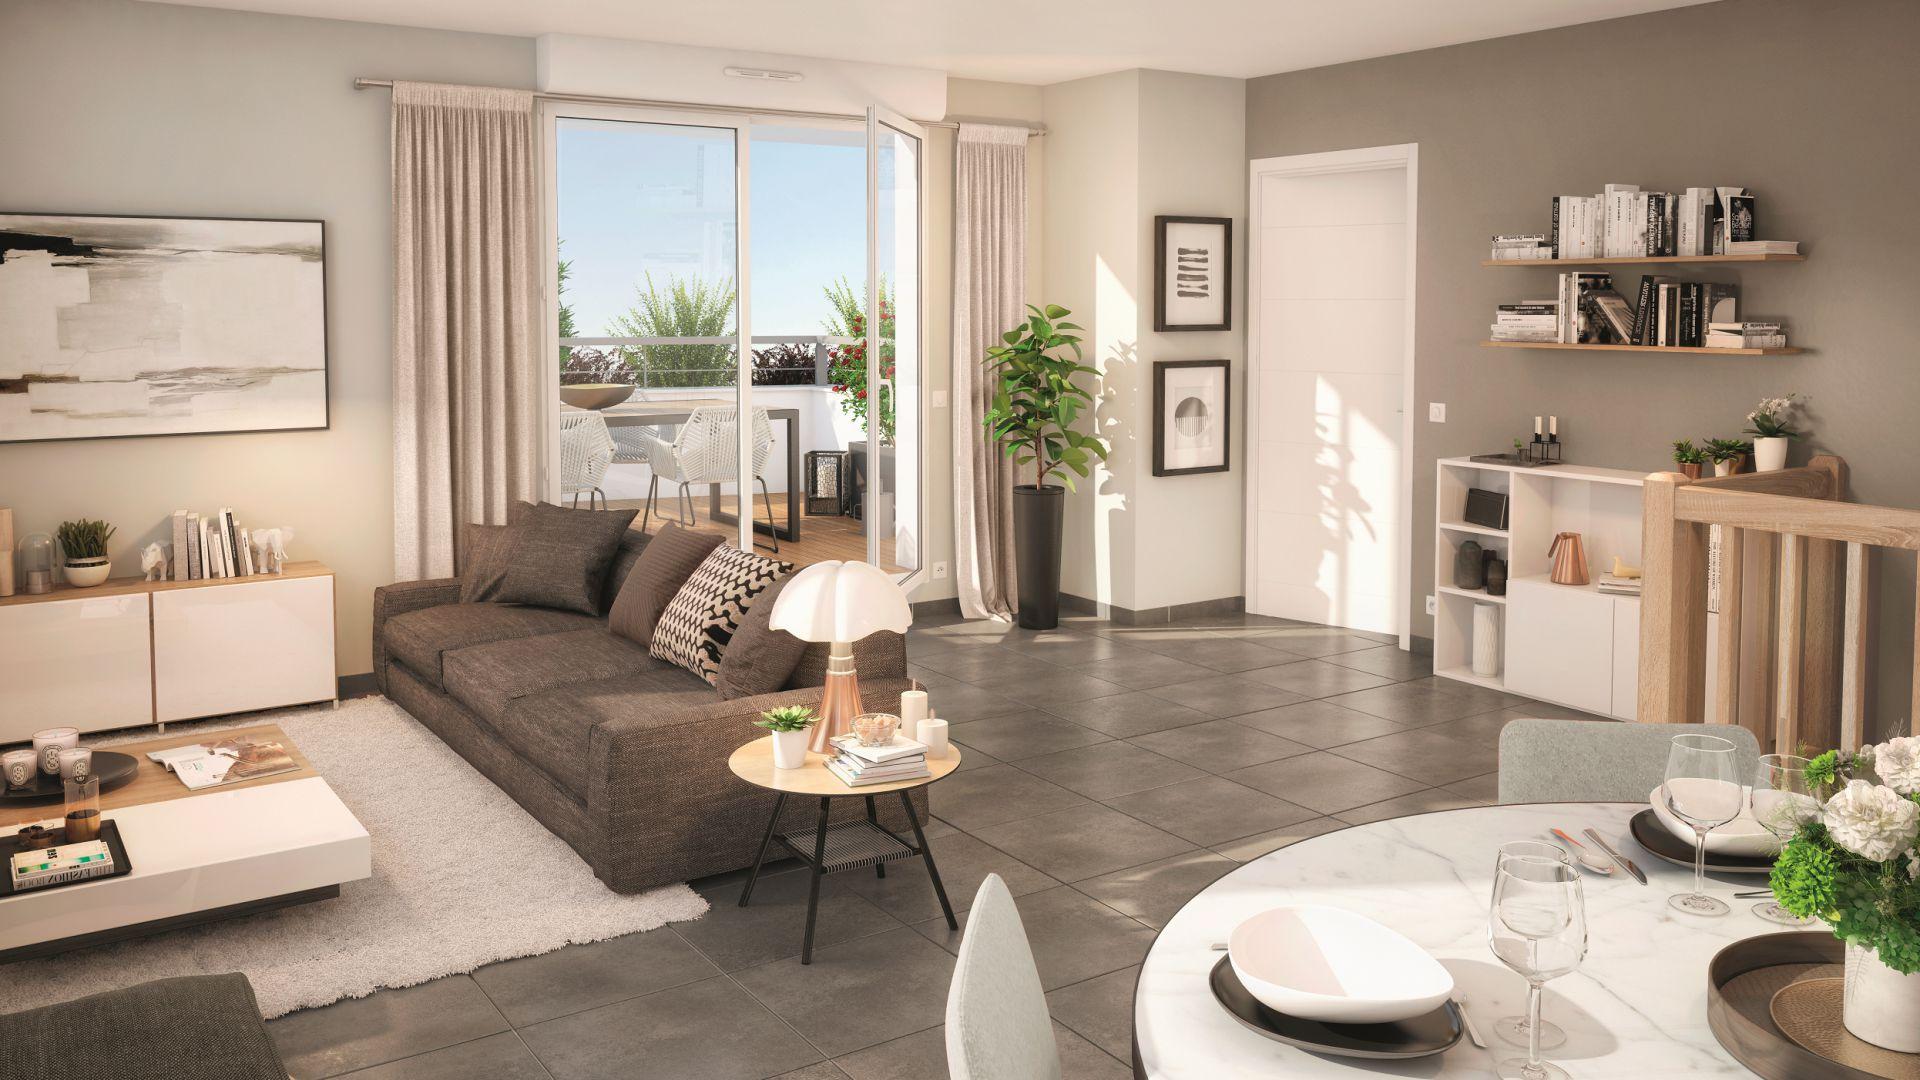 GreenCity immobilier - Toulouse rangueil 31400 - Le clos Juliette - appartements du T2 au T3duplex - vue intérieure